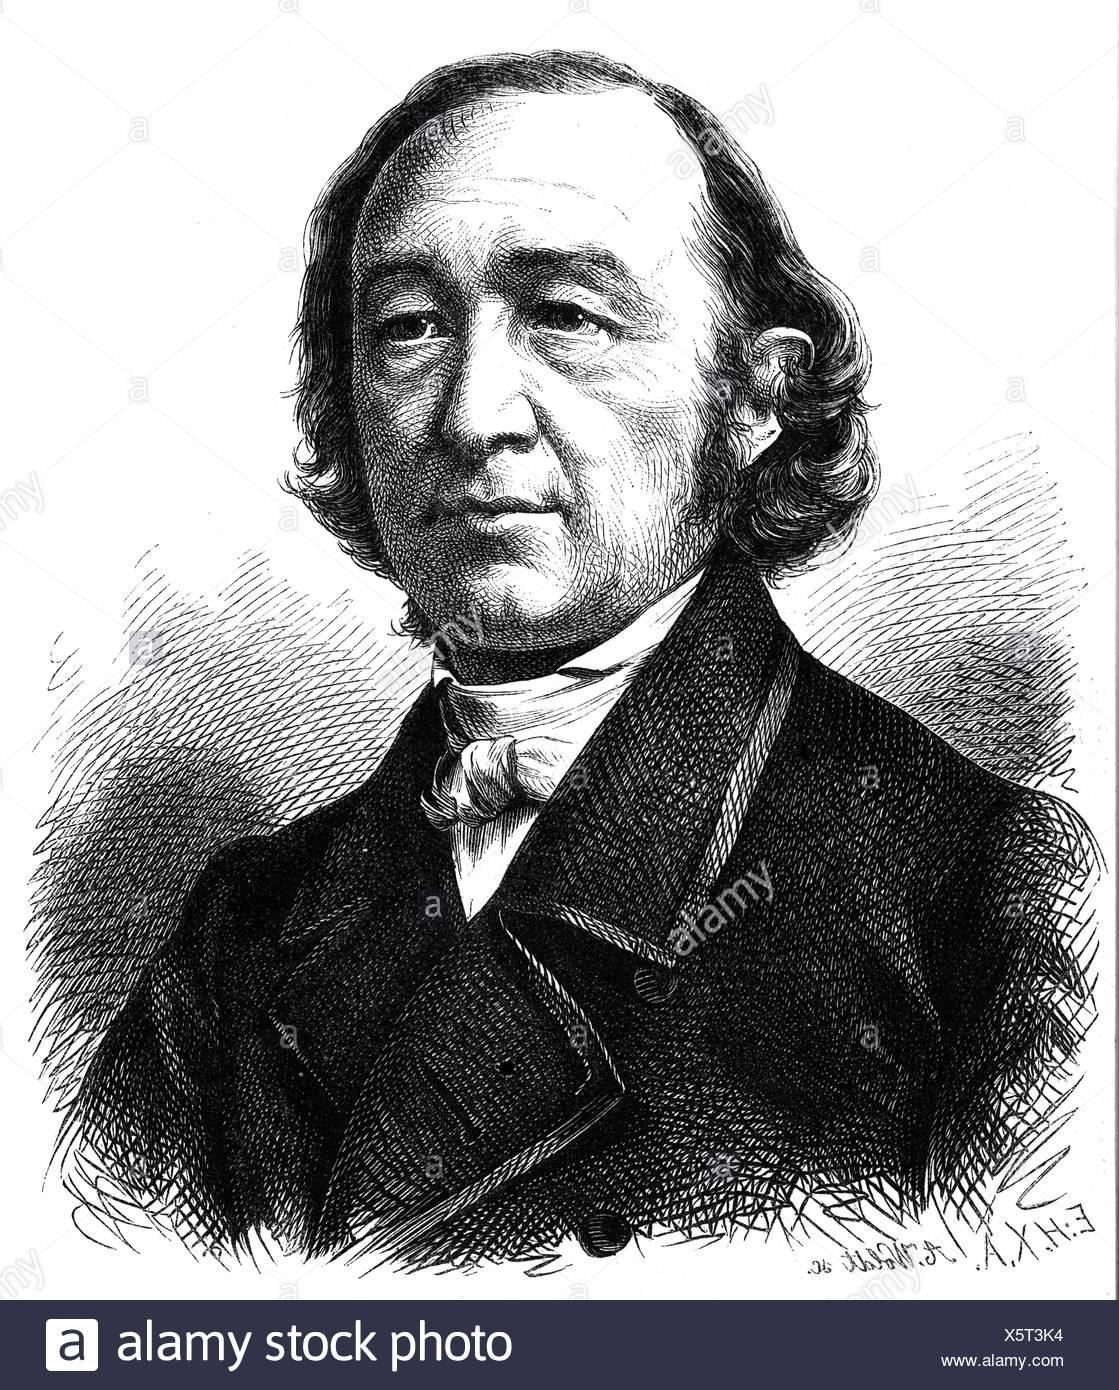 Sturm, Julius, 21.7.1816 - 2.5.1896, deutscher Dichter, Porträt, holzstich von A. Woldt, nach Foto, 19. Jahrhundert, Additional-Rights-Spiel-NA Stockbild